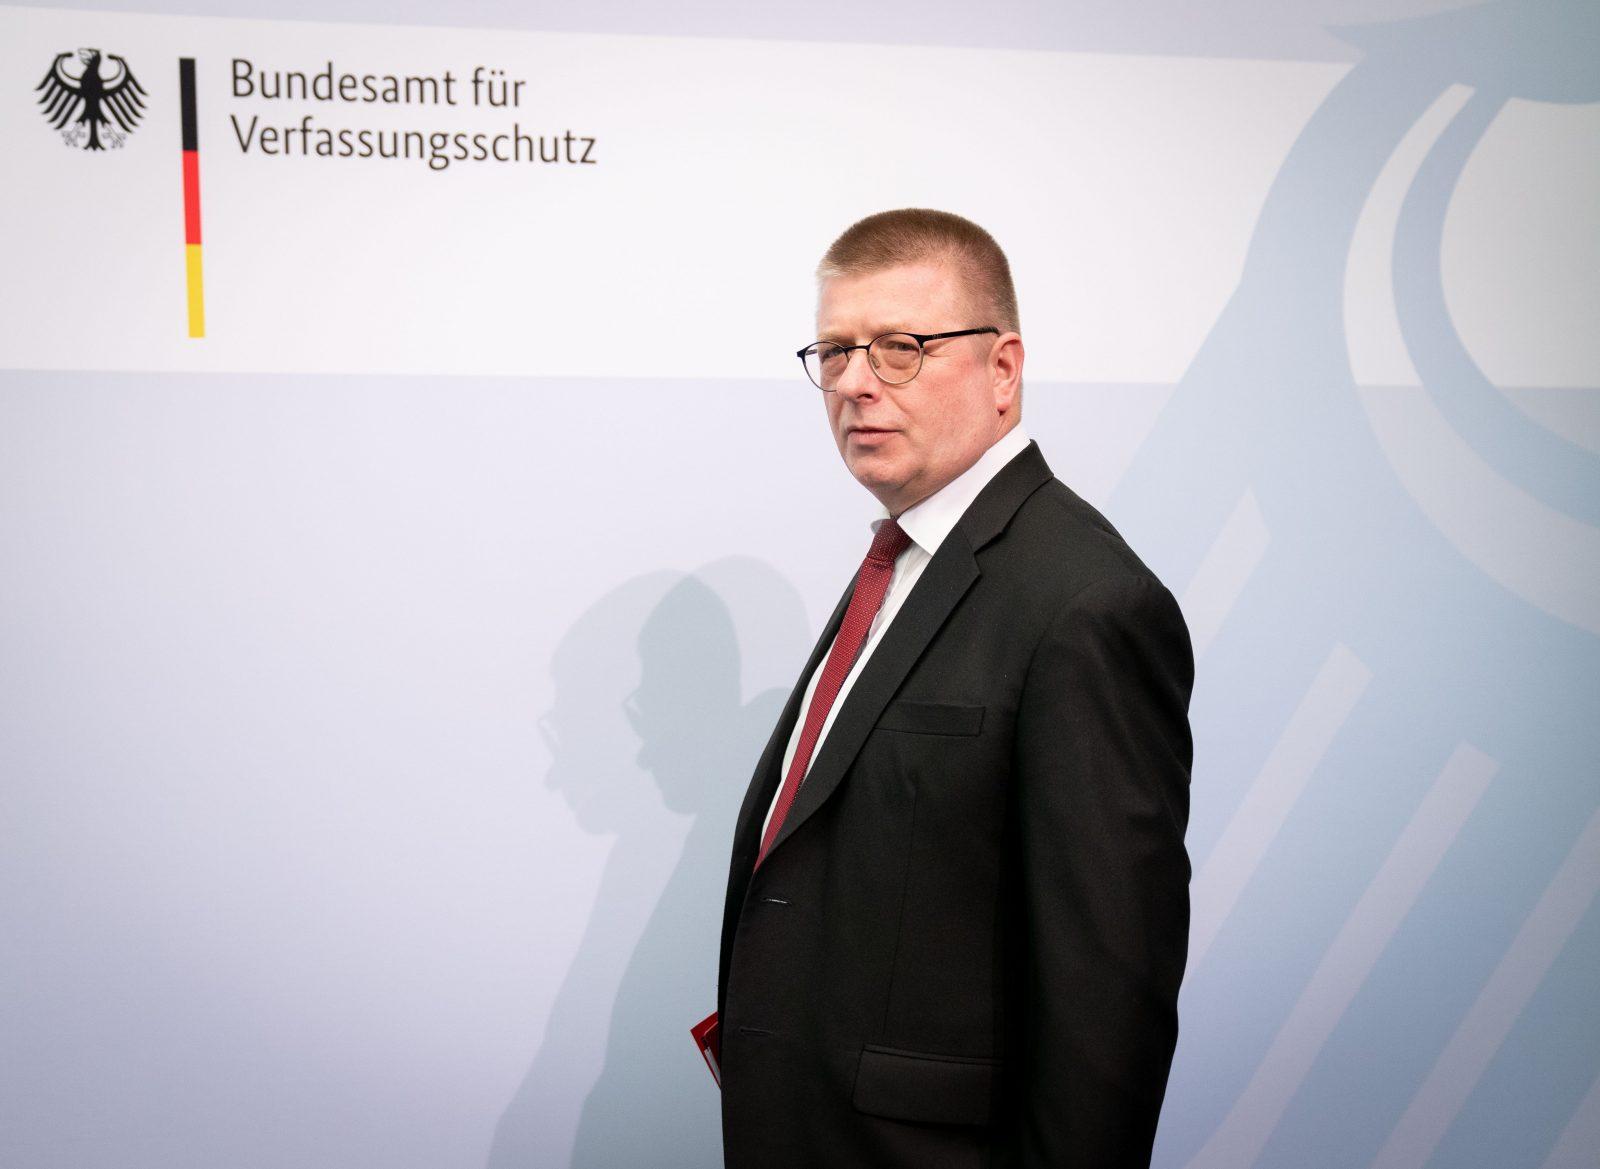 Verfassungsschutzpräsident Thomas Haldenwang prescht als Leiter seiner Behörde in der Öffentlichkeit schonmal vor Foto: picture alliance/dpa | Kay Nietfeld